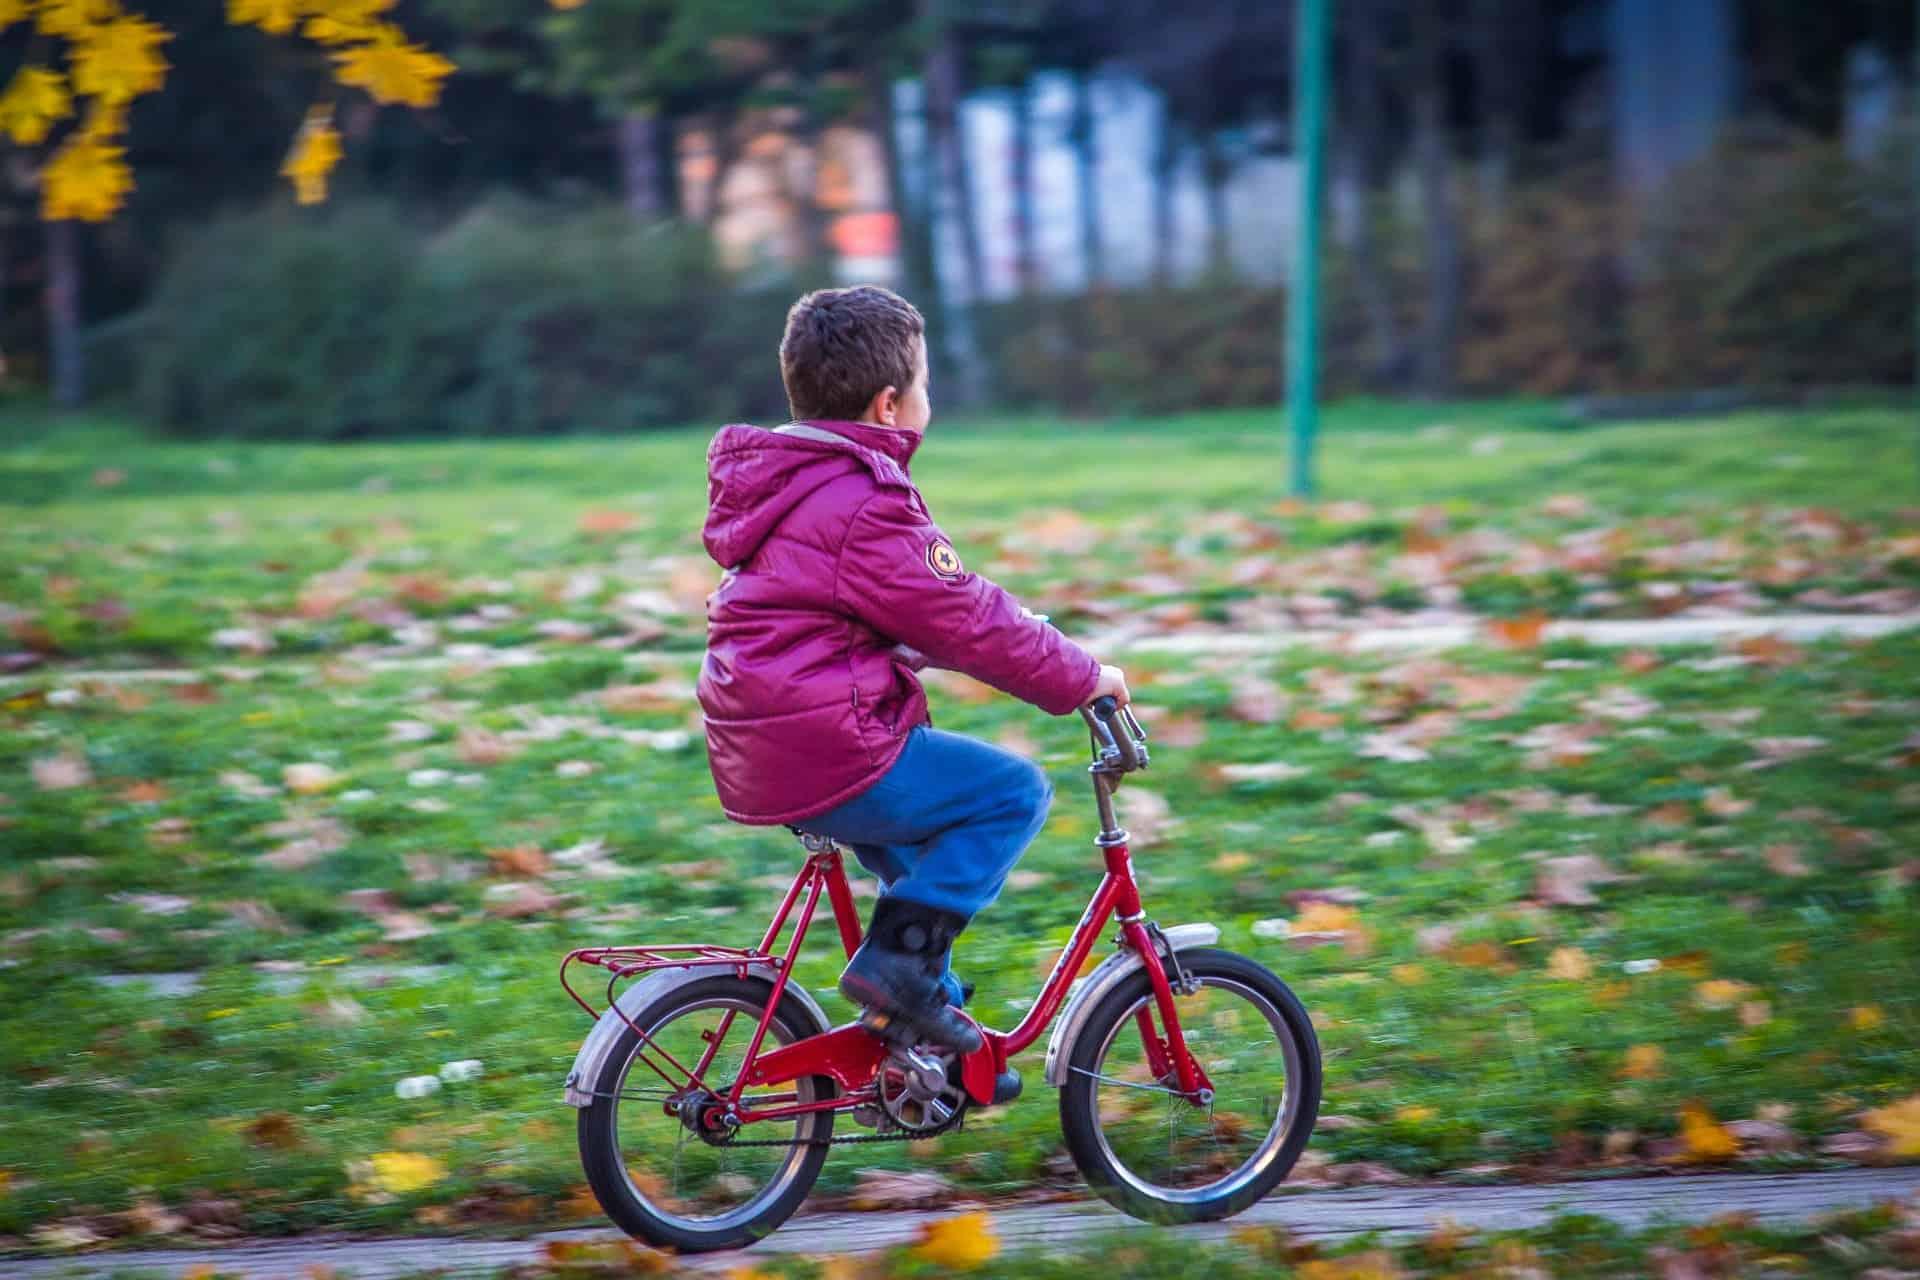 Kinder Fahrradschloss: Test & Empfehlungen (10/20)